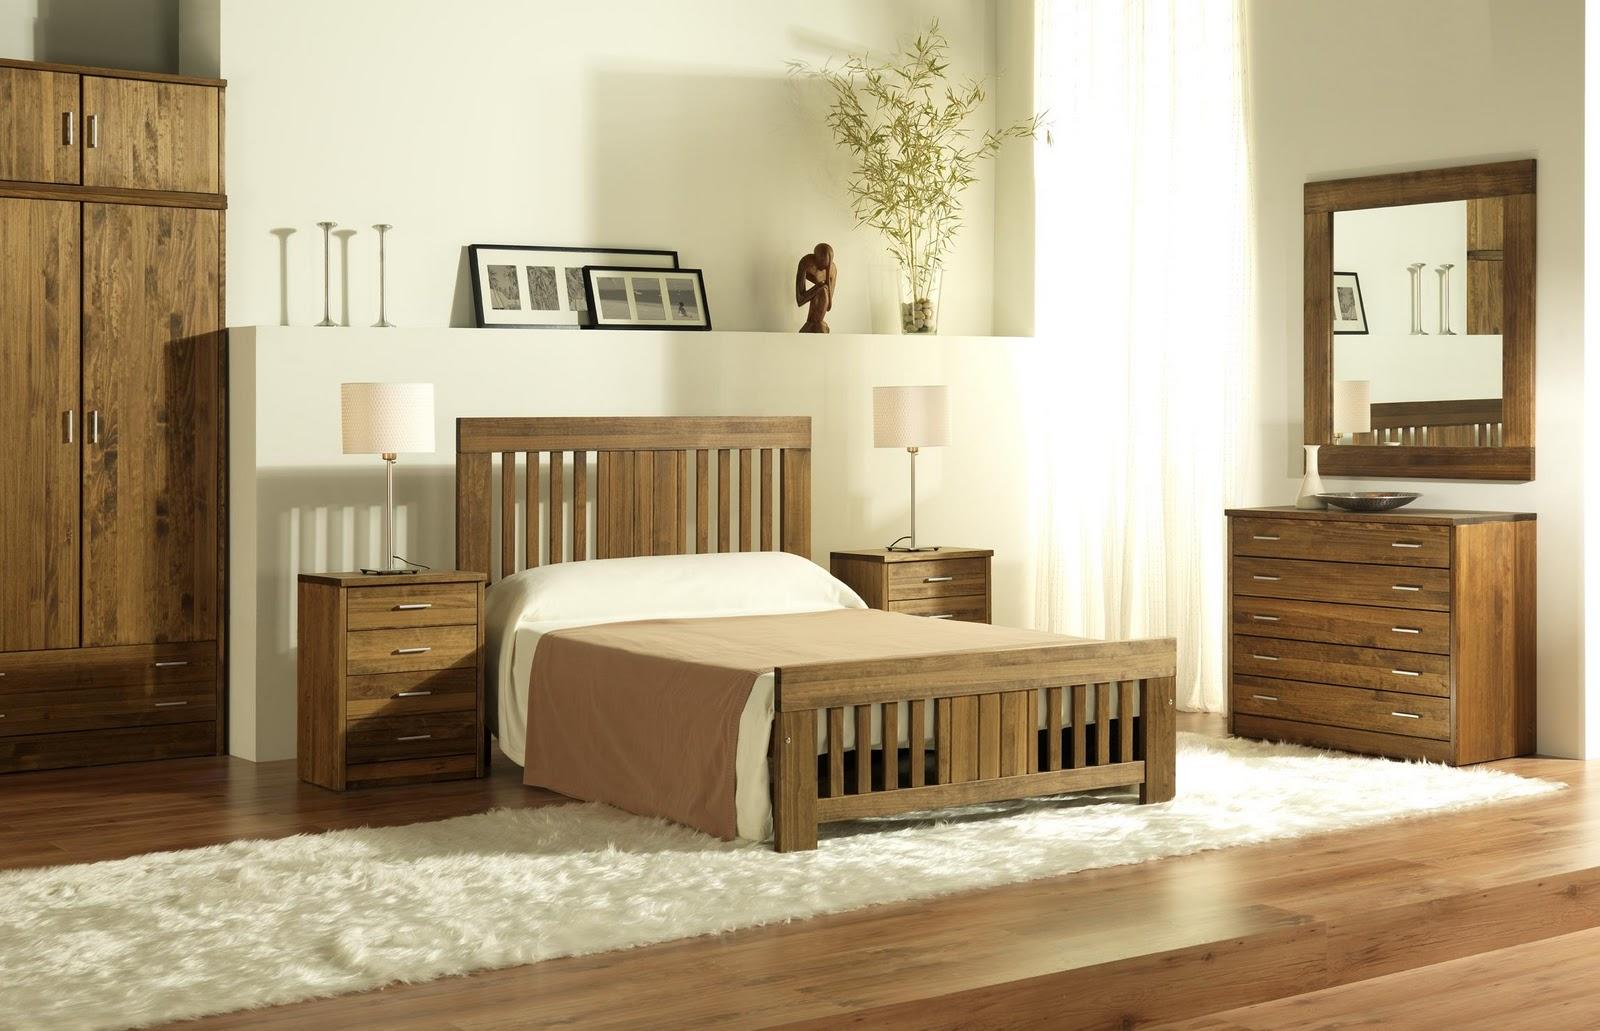 Disponemos de una amplia variedad de muebles en madera de pino